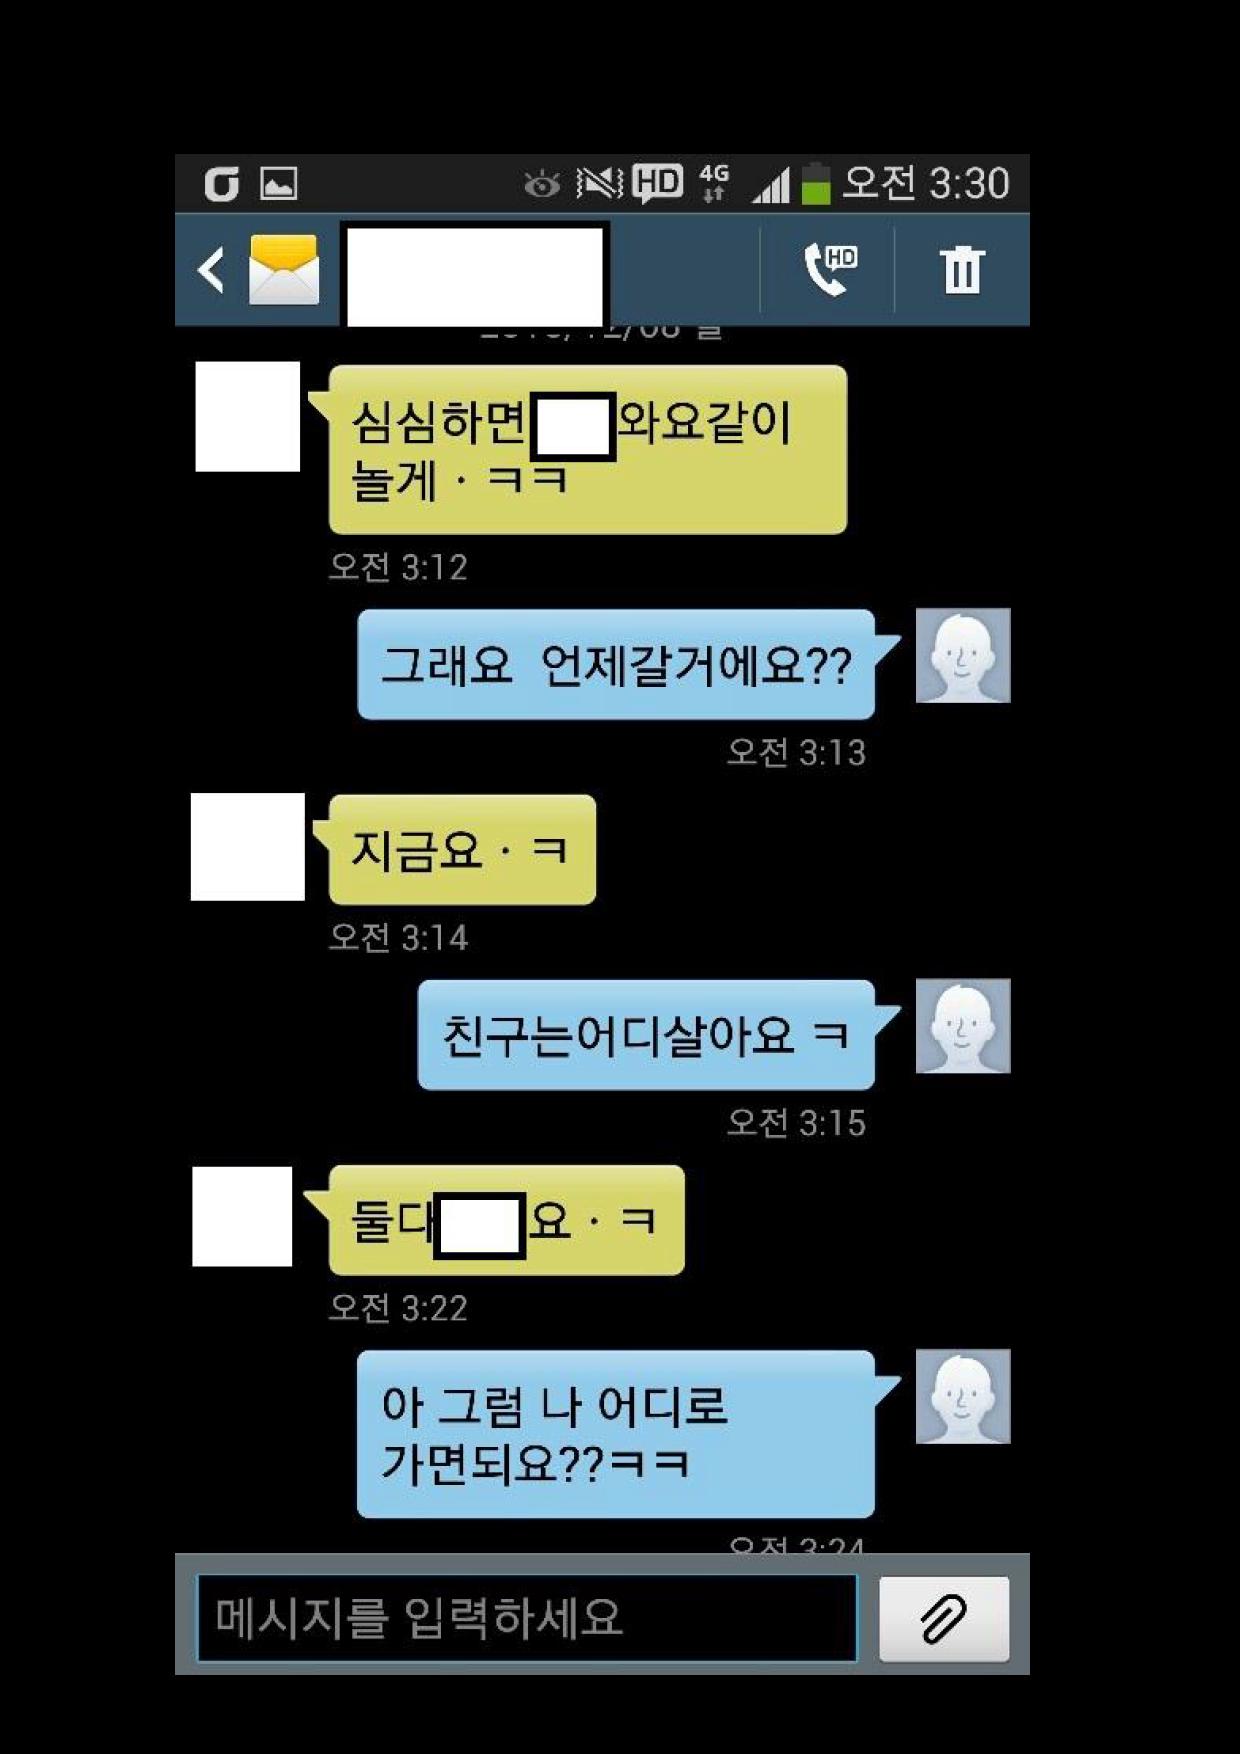 본 머티리어 1회차 홍보글 v3(수강후기 따로 편집요함)_31.png